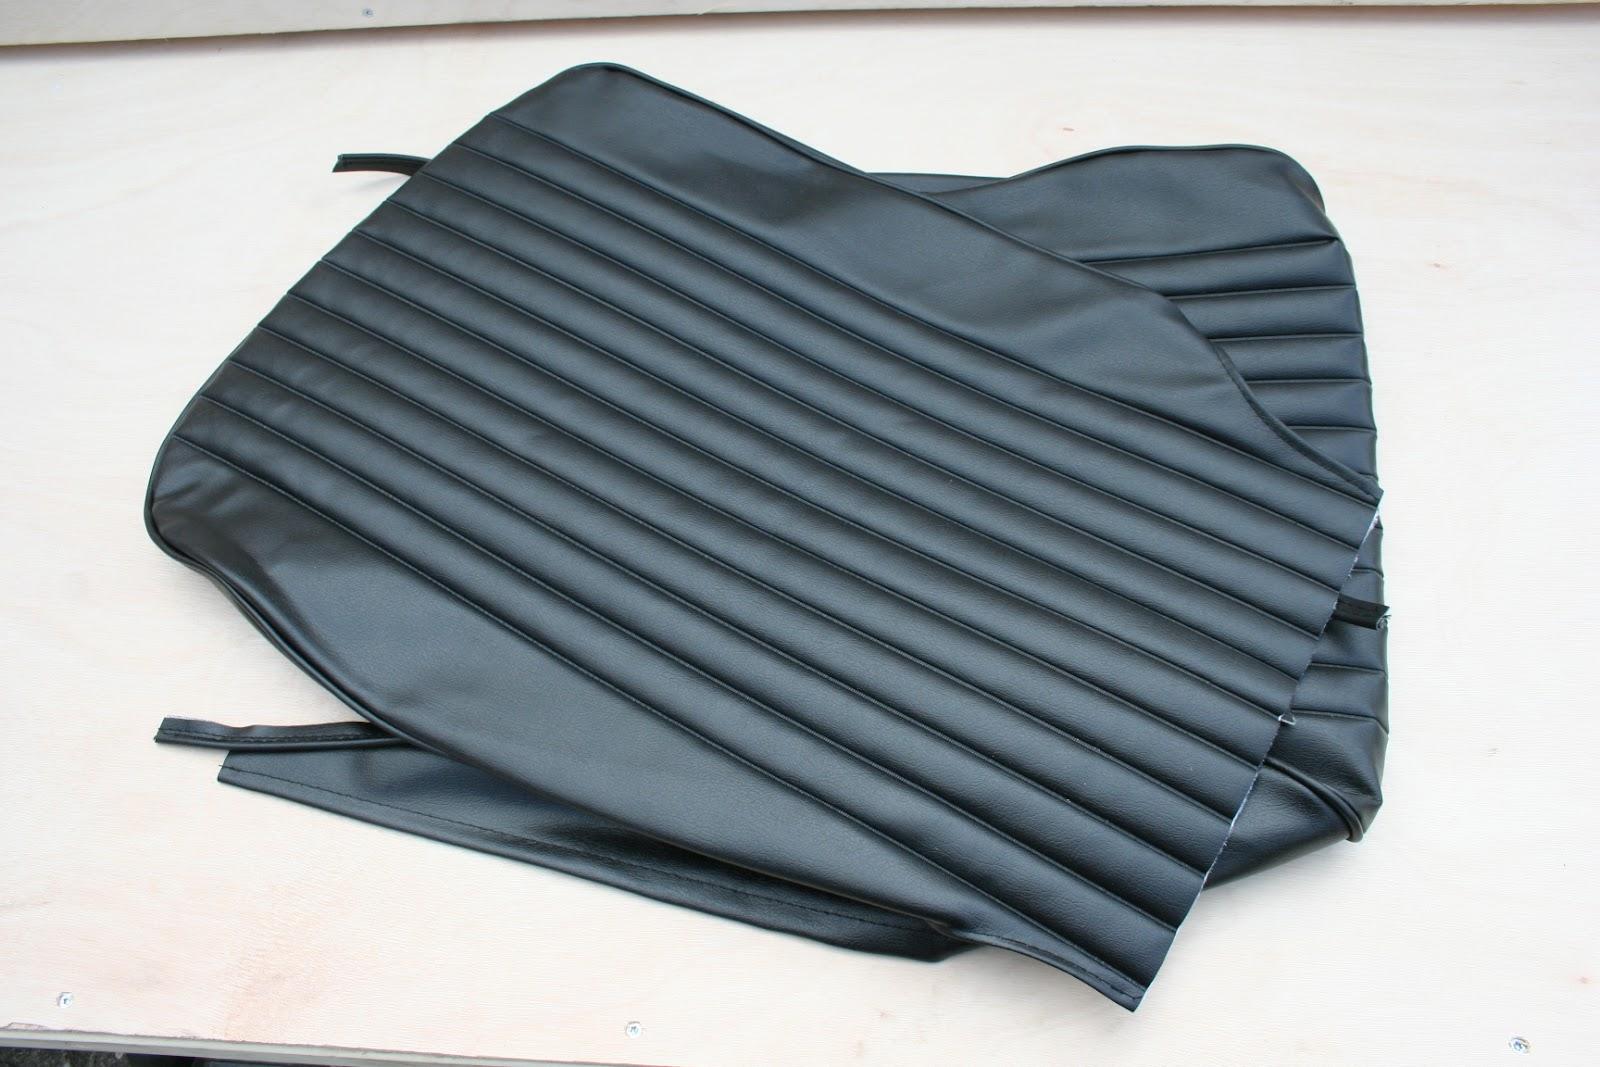 sitzbez ge f r fiat 500 l innenausstattung verkleidung. Black Bedroom Furniture Sets. Home Design Ideas